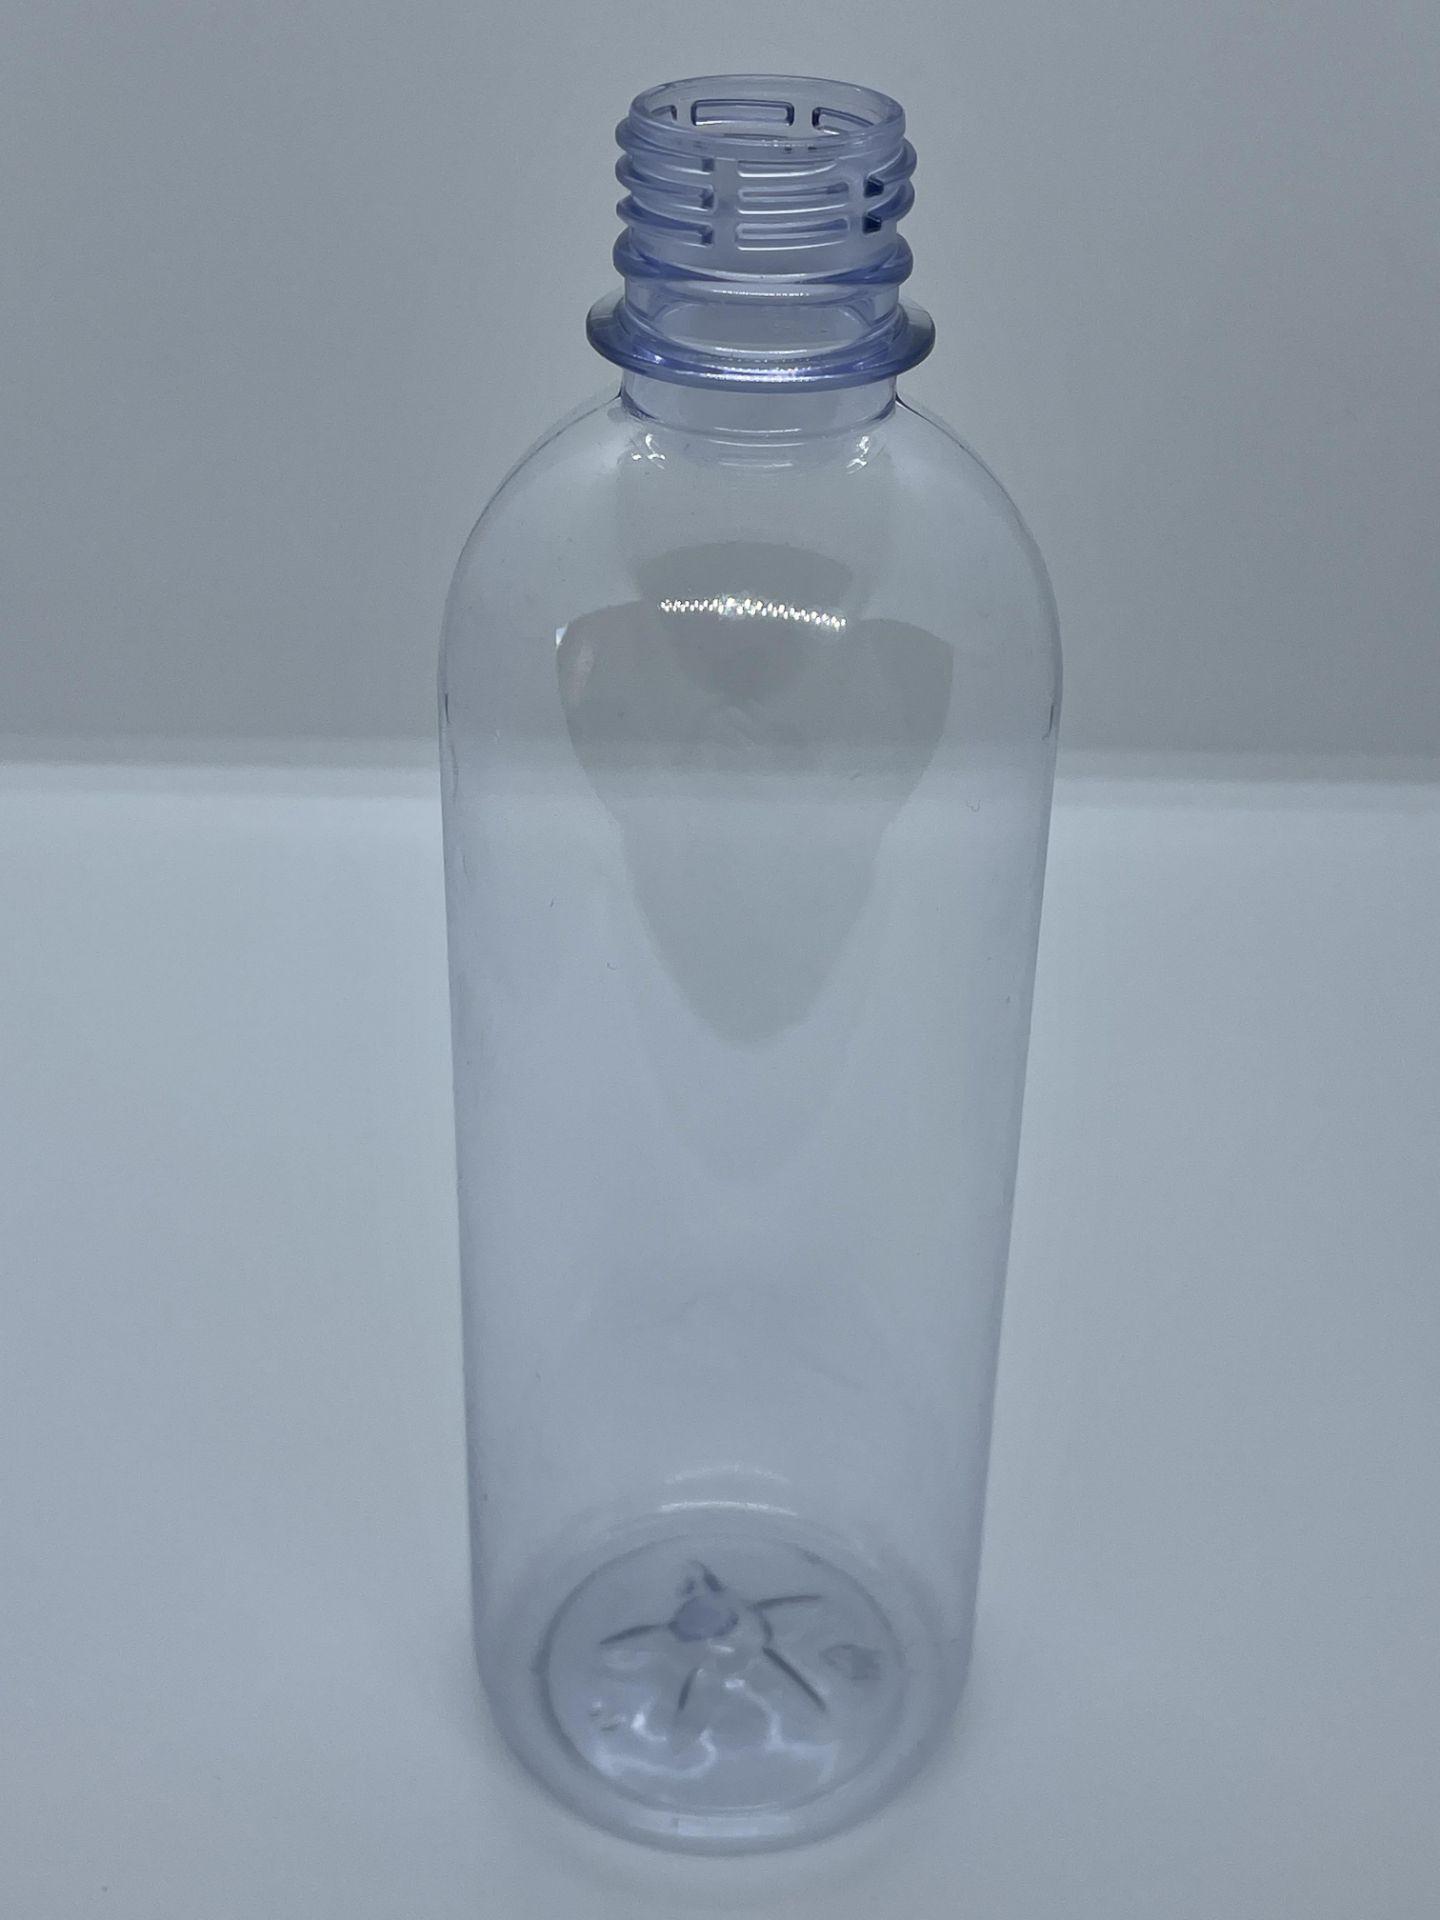 """30,000 - 16 oz Empty Bullet Plastic Bottles, Neck Threading 28-410, 8"""" Tall, 2.5"""" Diameter - Image 2 of 4"""